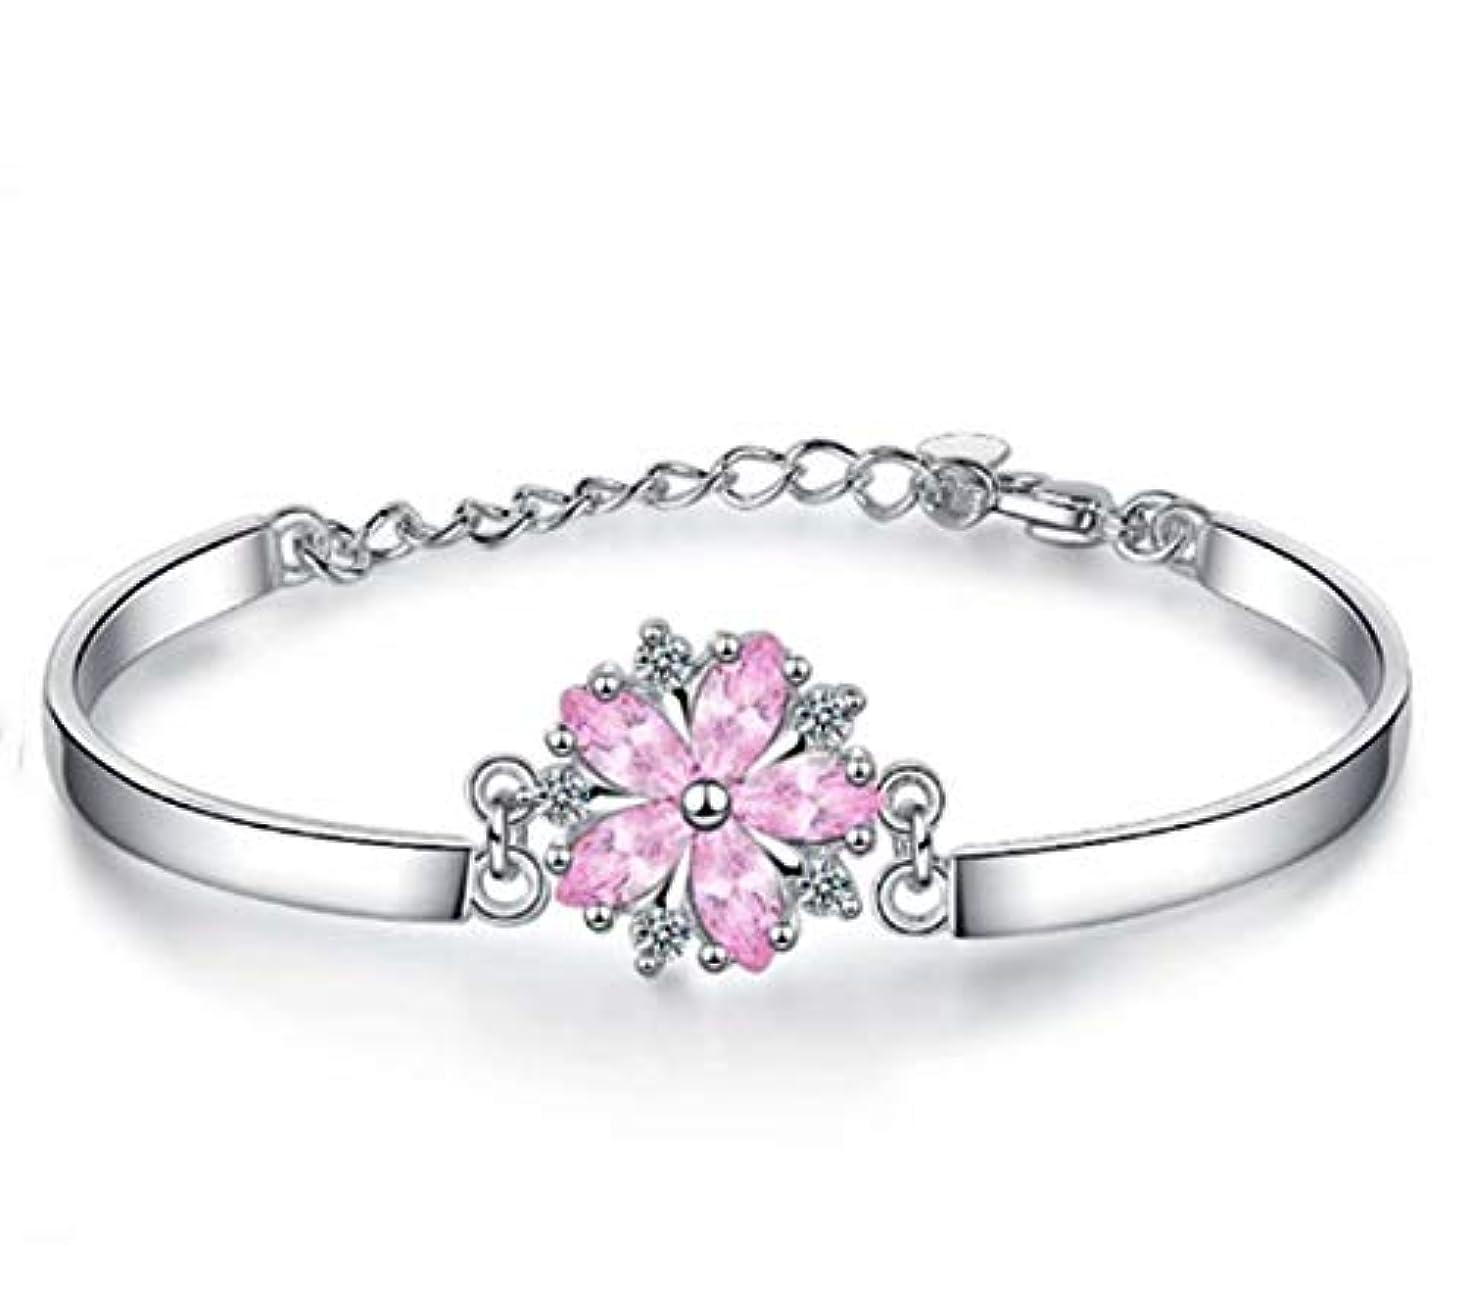 小康頑張る保持七里の香 サクラブレスレットレディース フラワー 桜の花 ピンク腕輪 バングル 花びら ギフト 長さ調整可